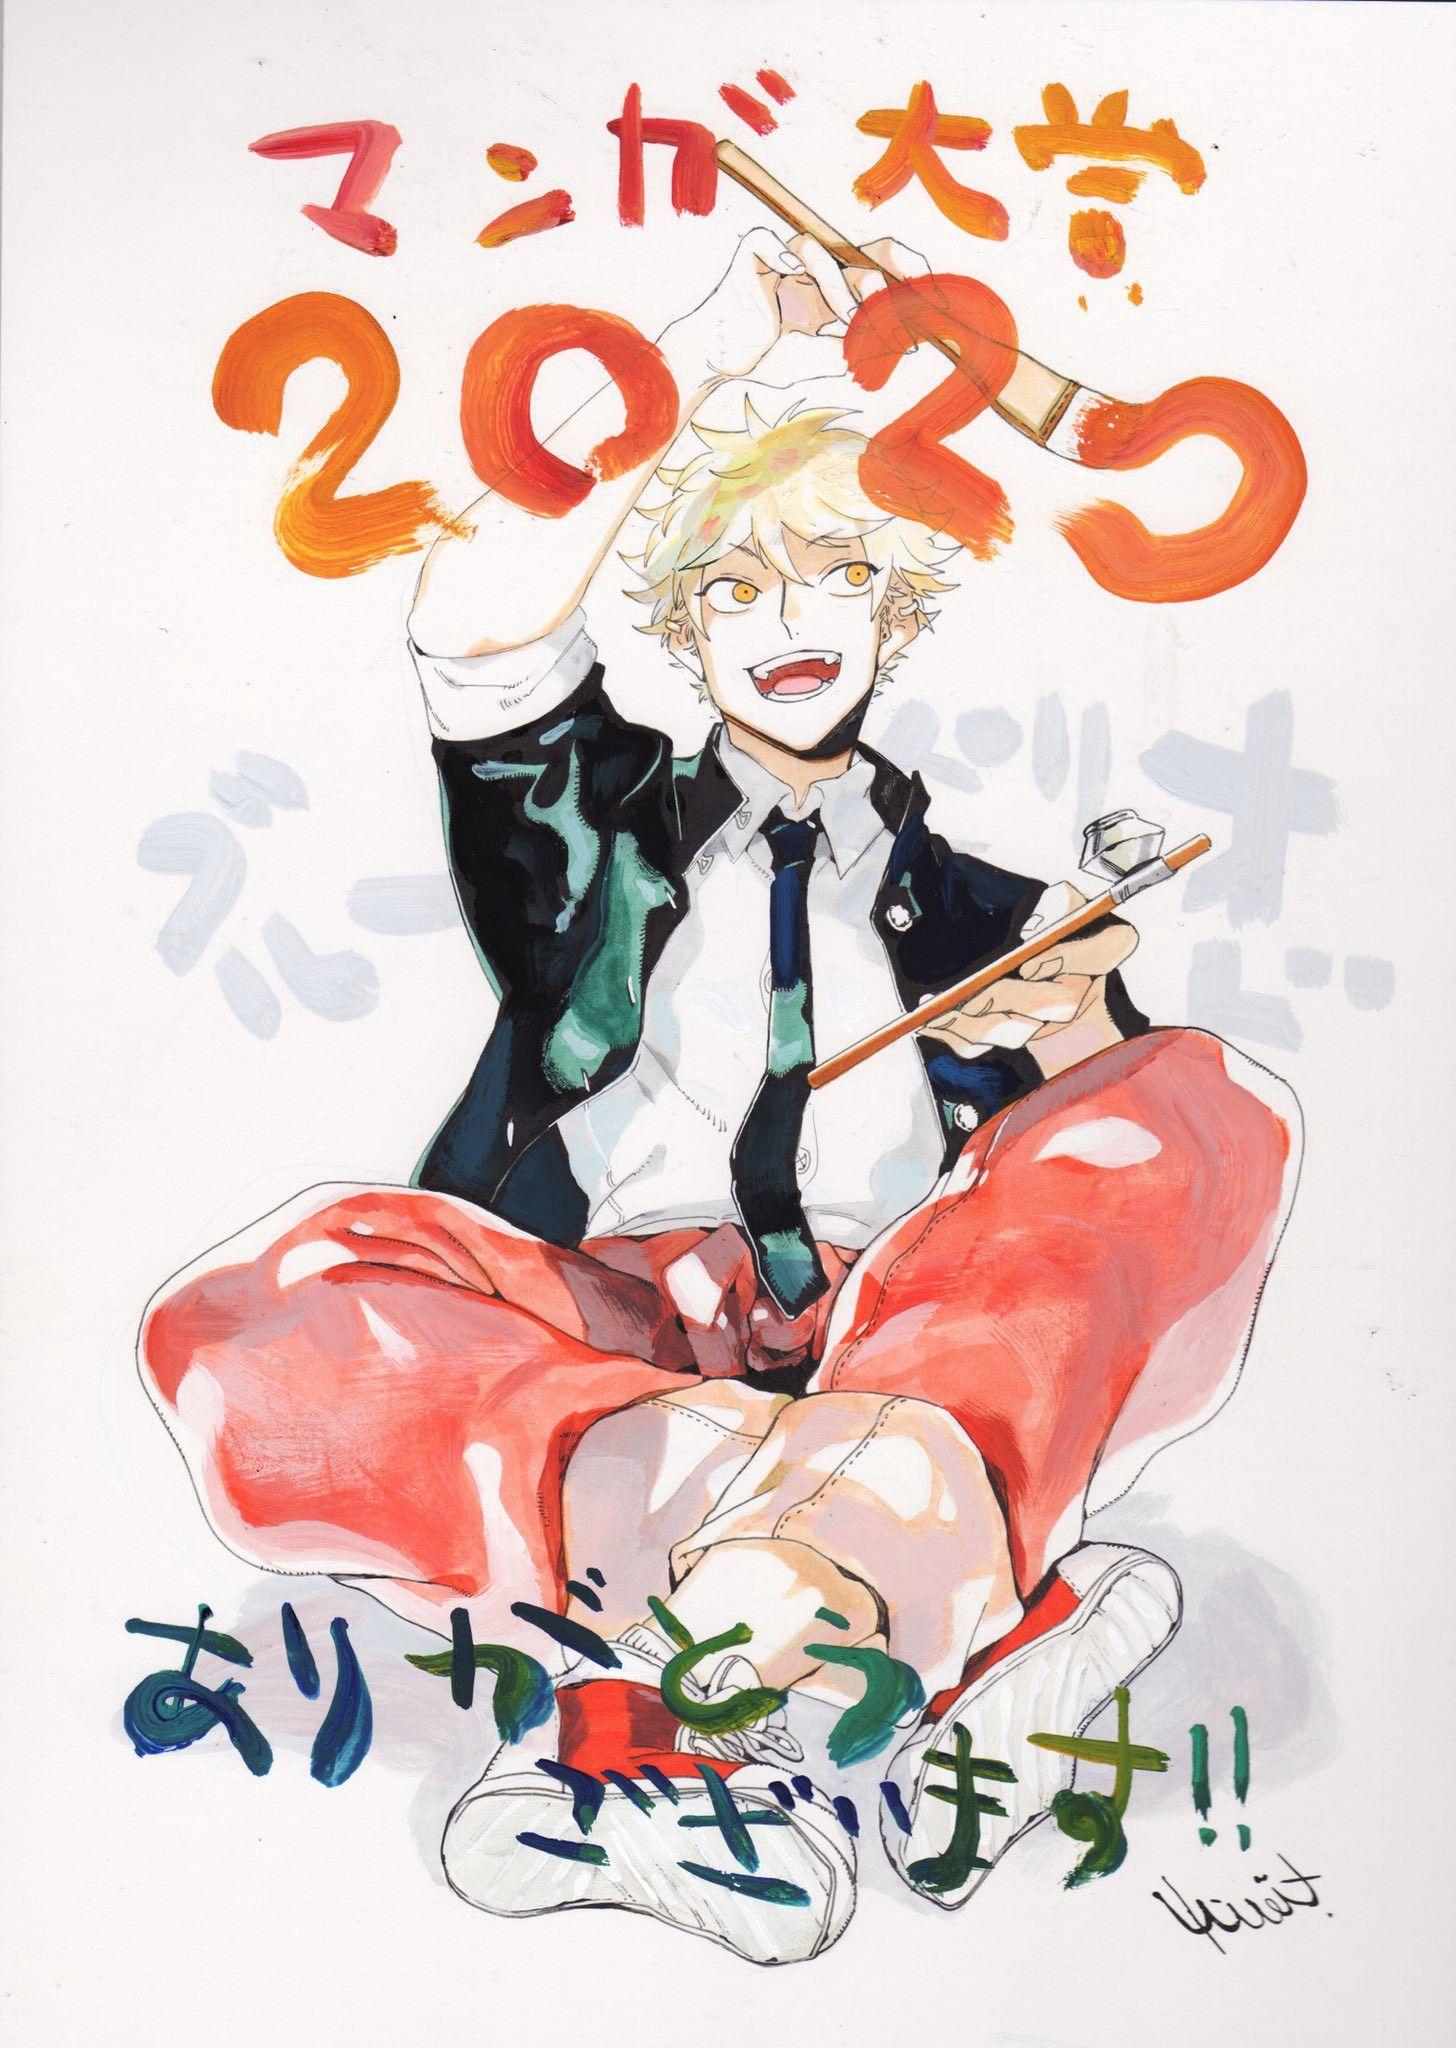 【新番】《蓝色时期》动画化 & 《试证明理科生已坠入情网。》第二季将于2022年开播!